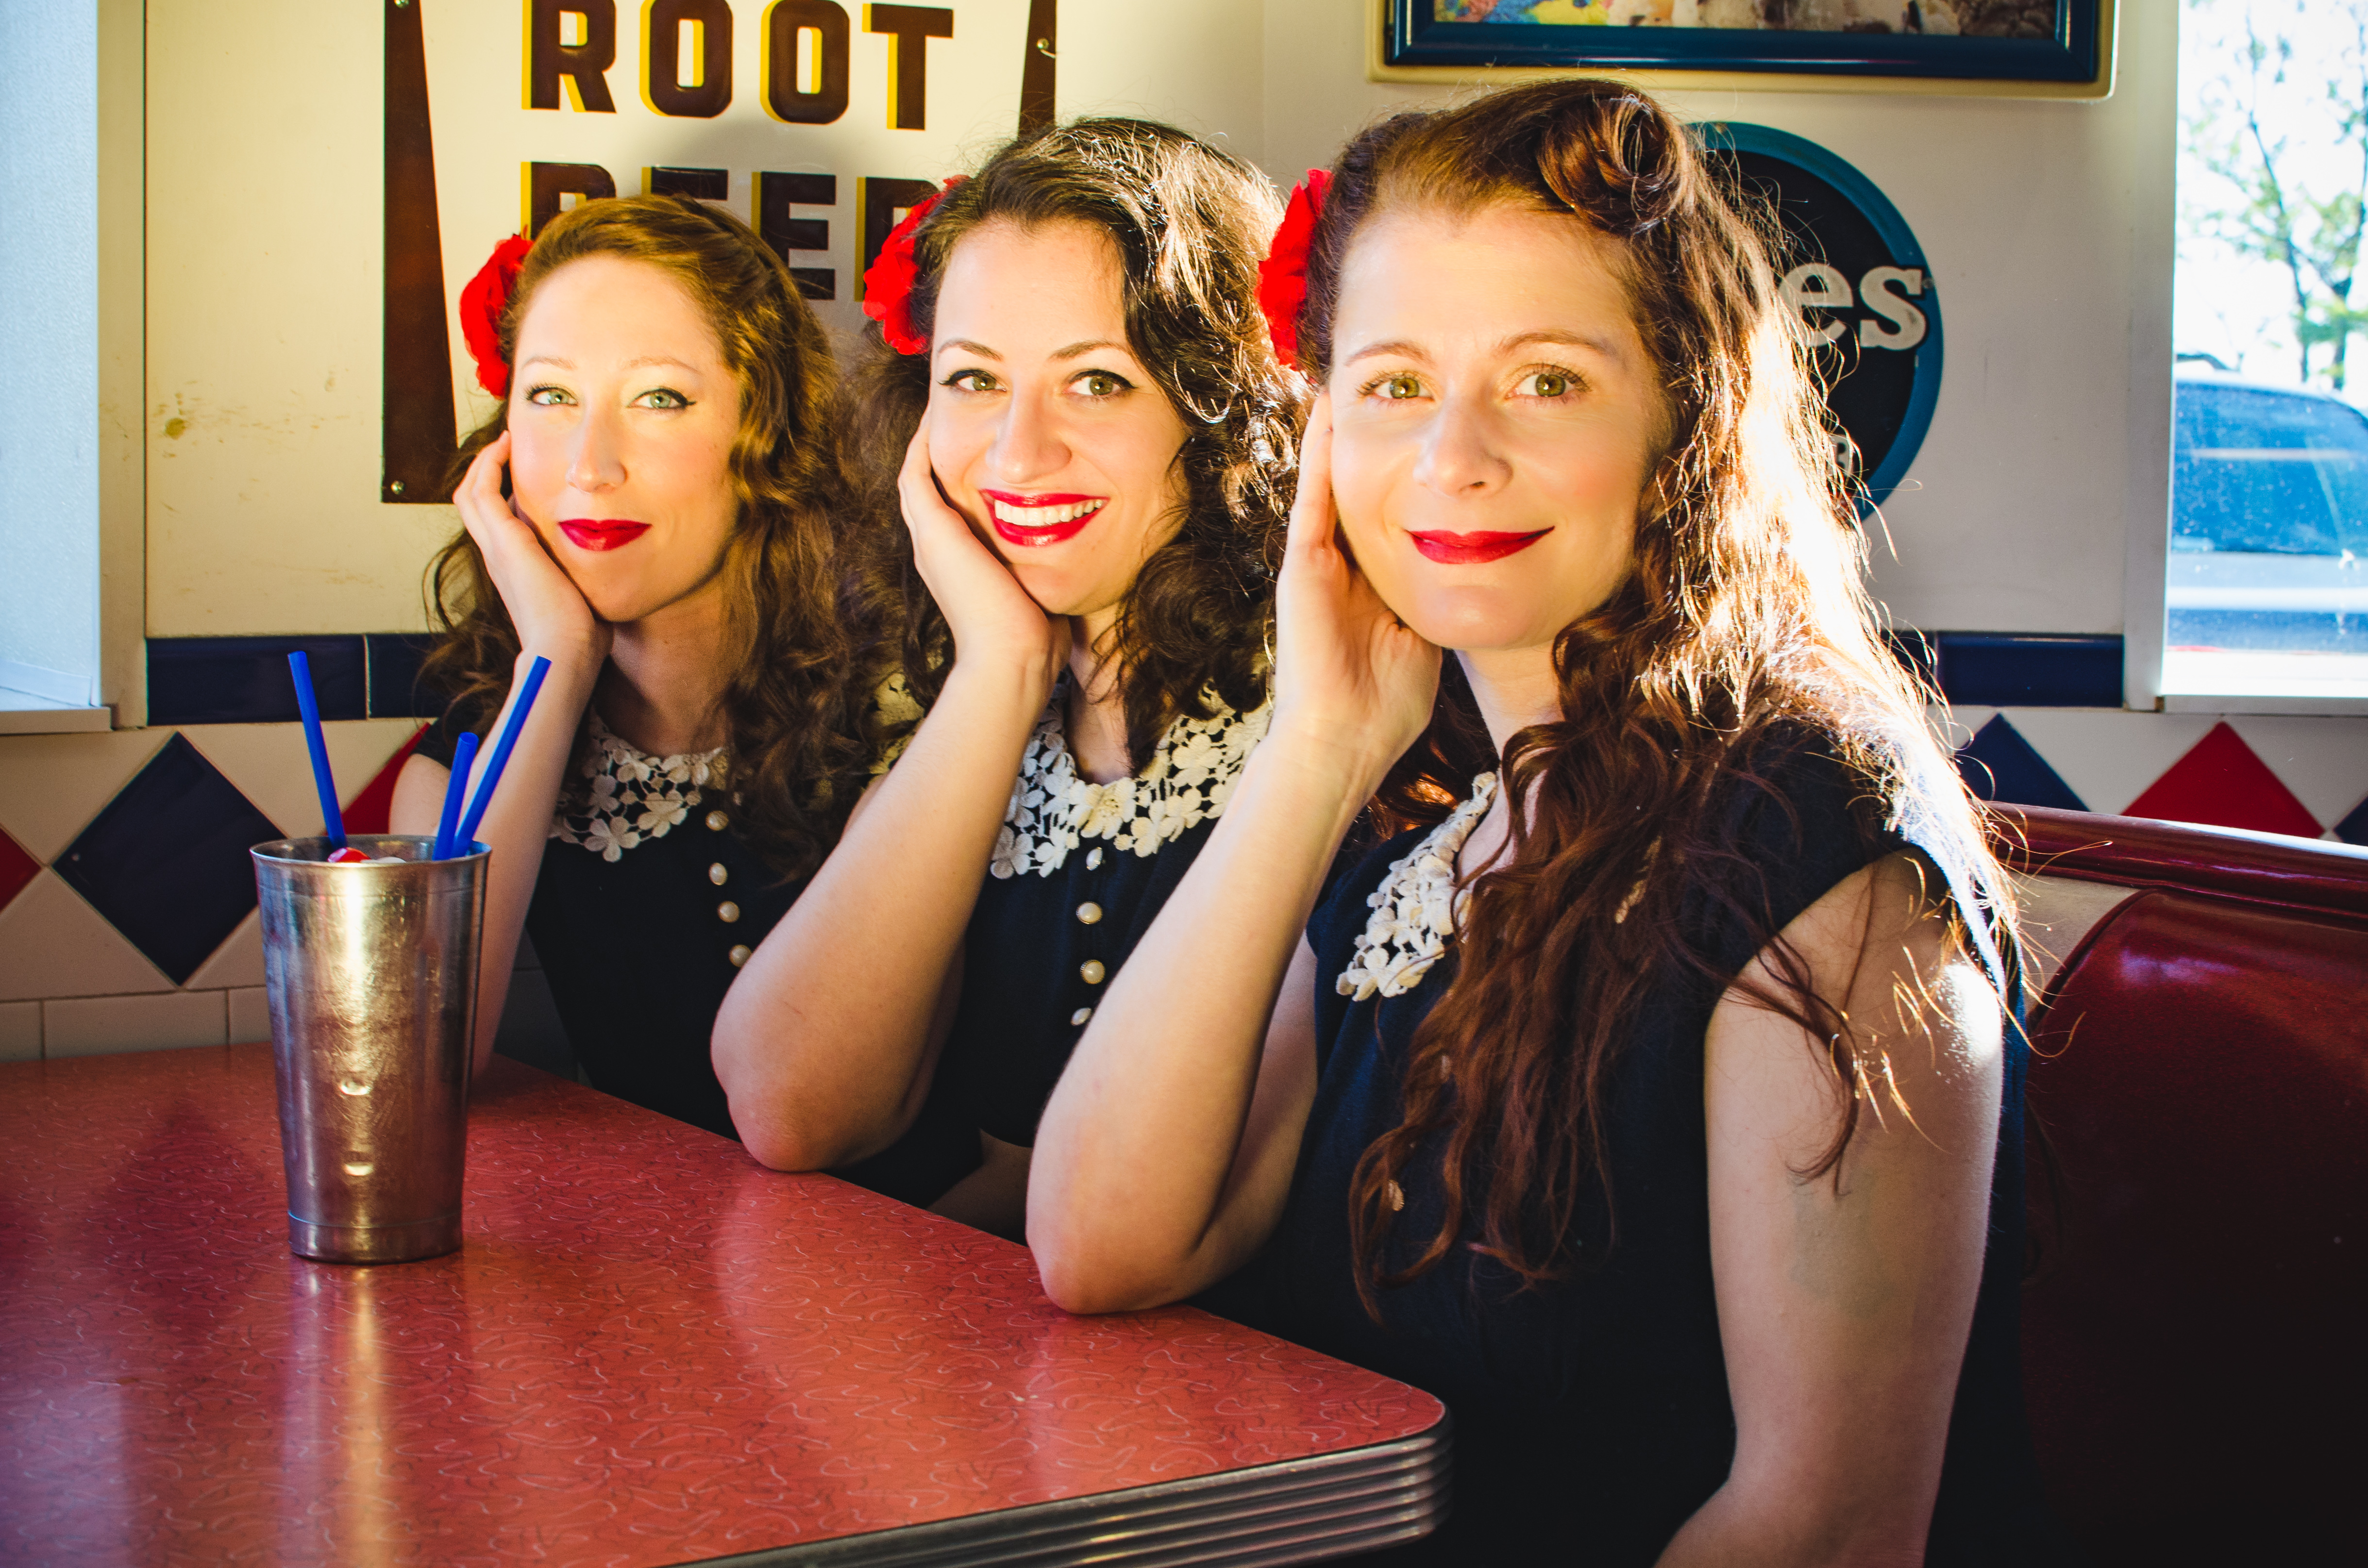 The Radio Rosies